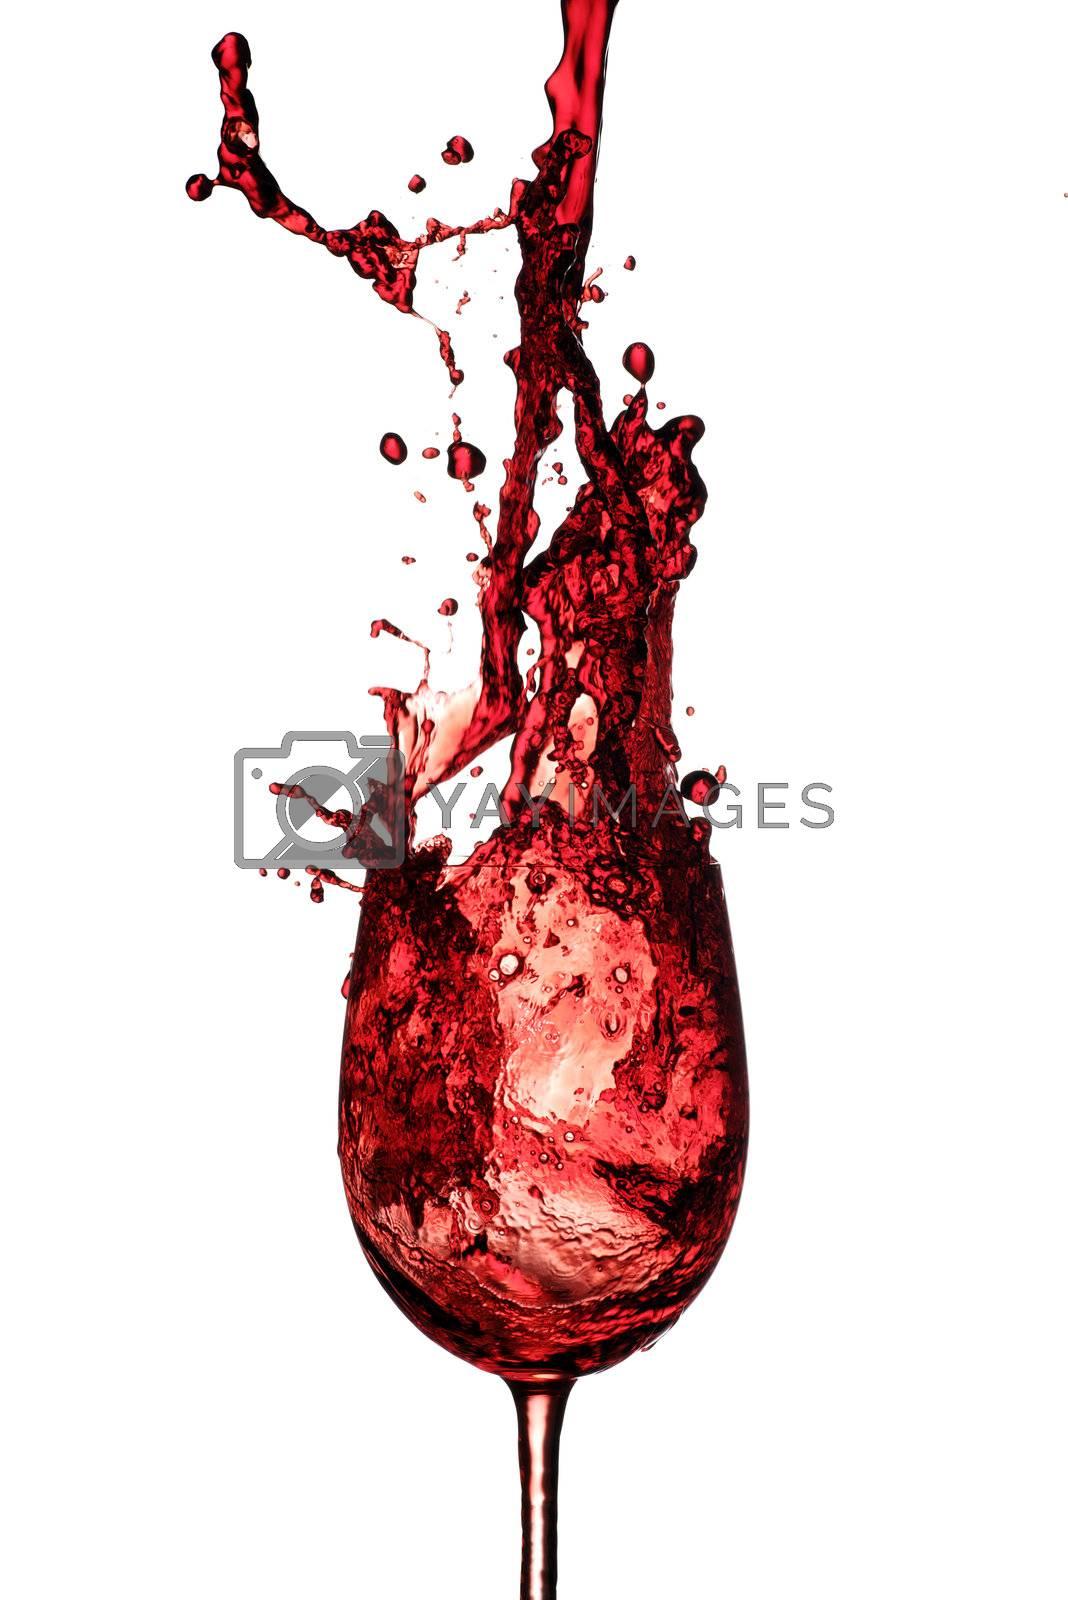 red wine splash by massman